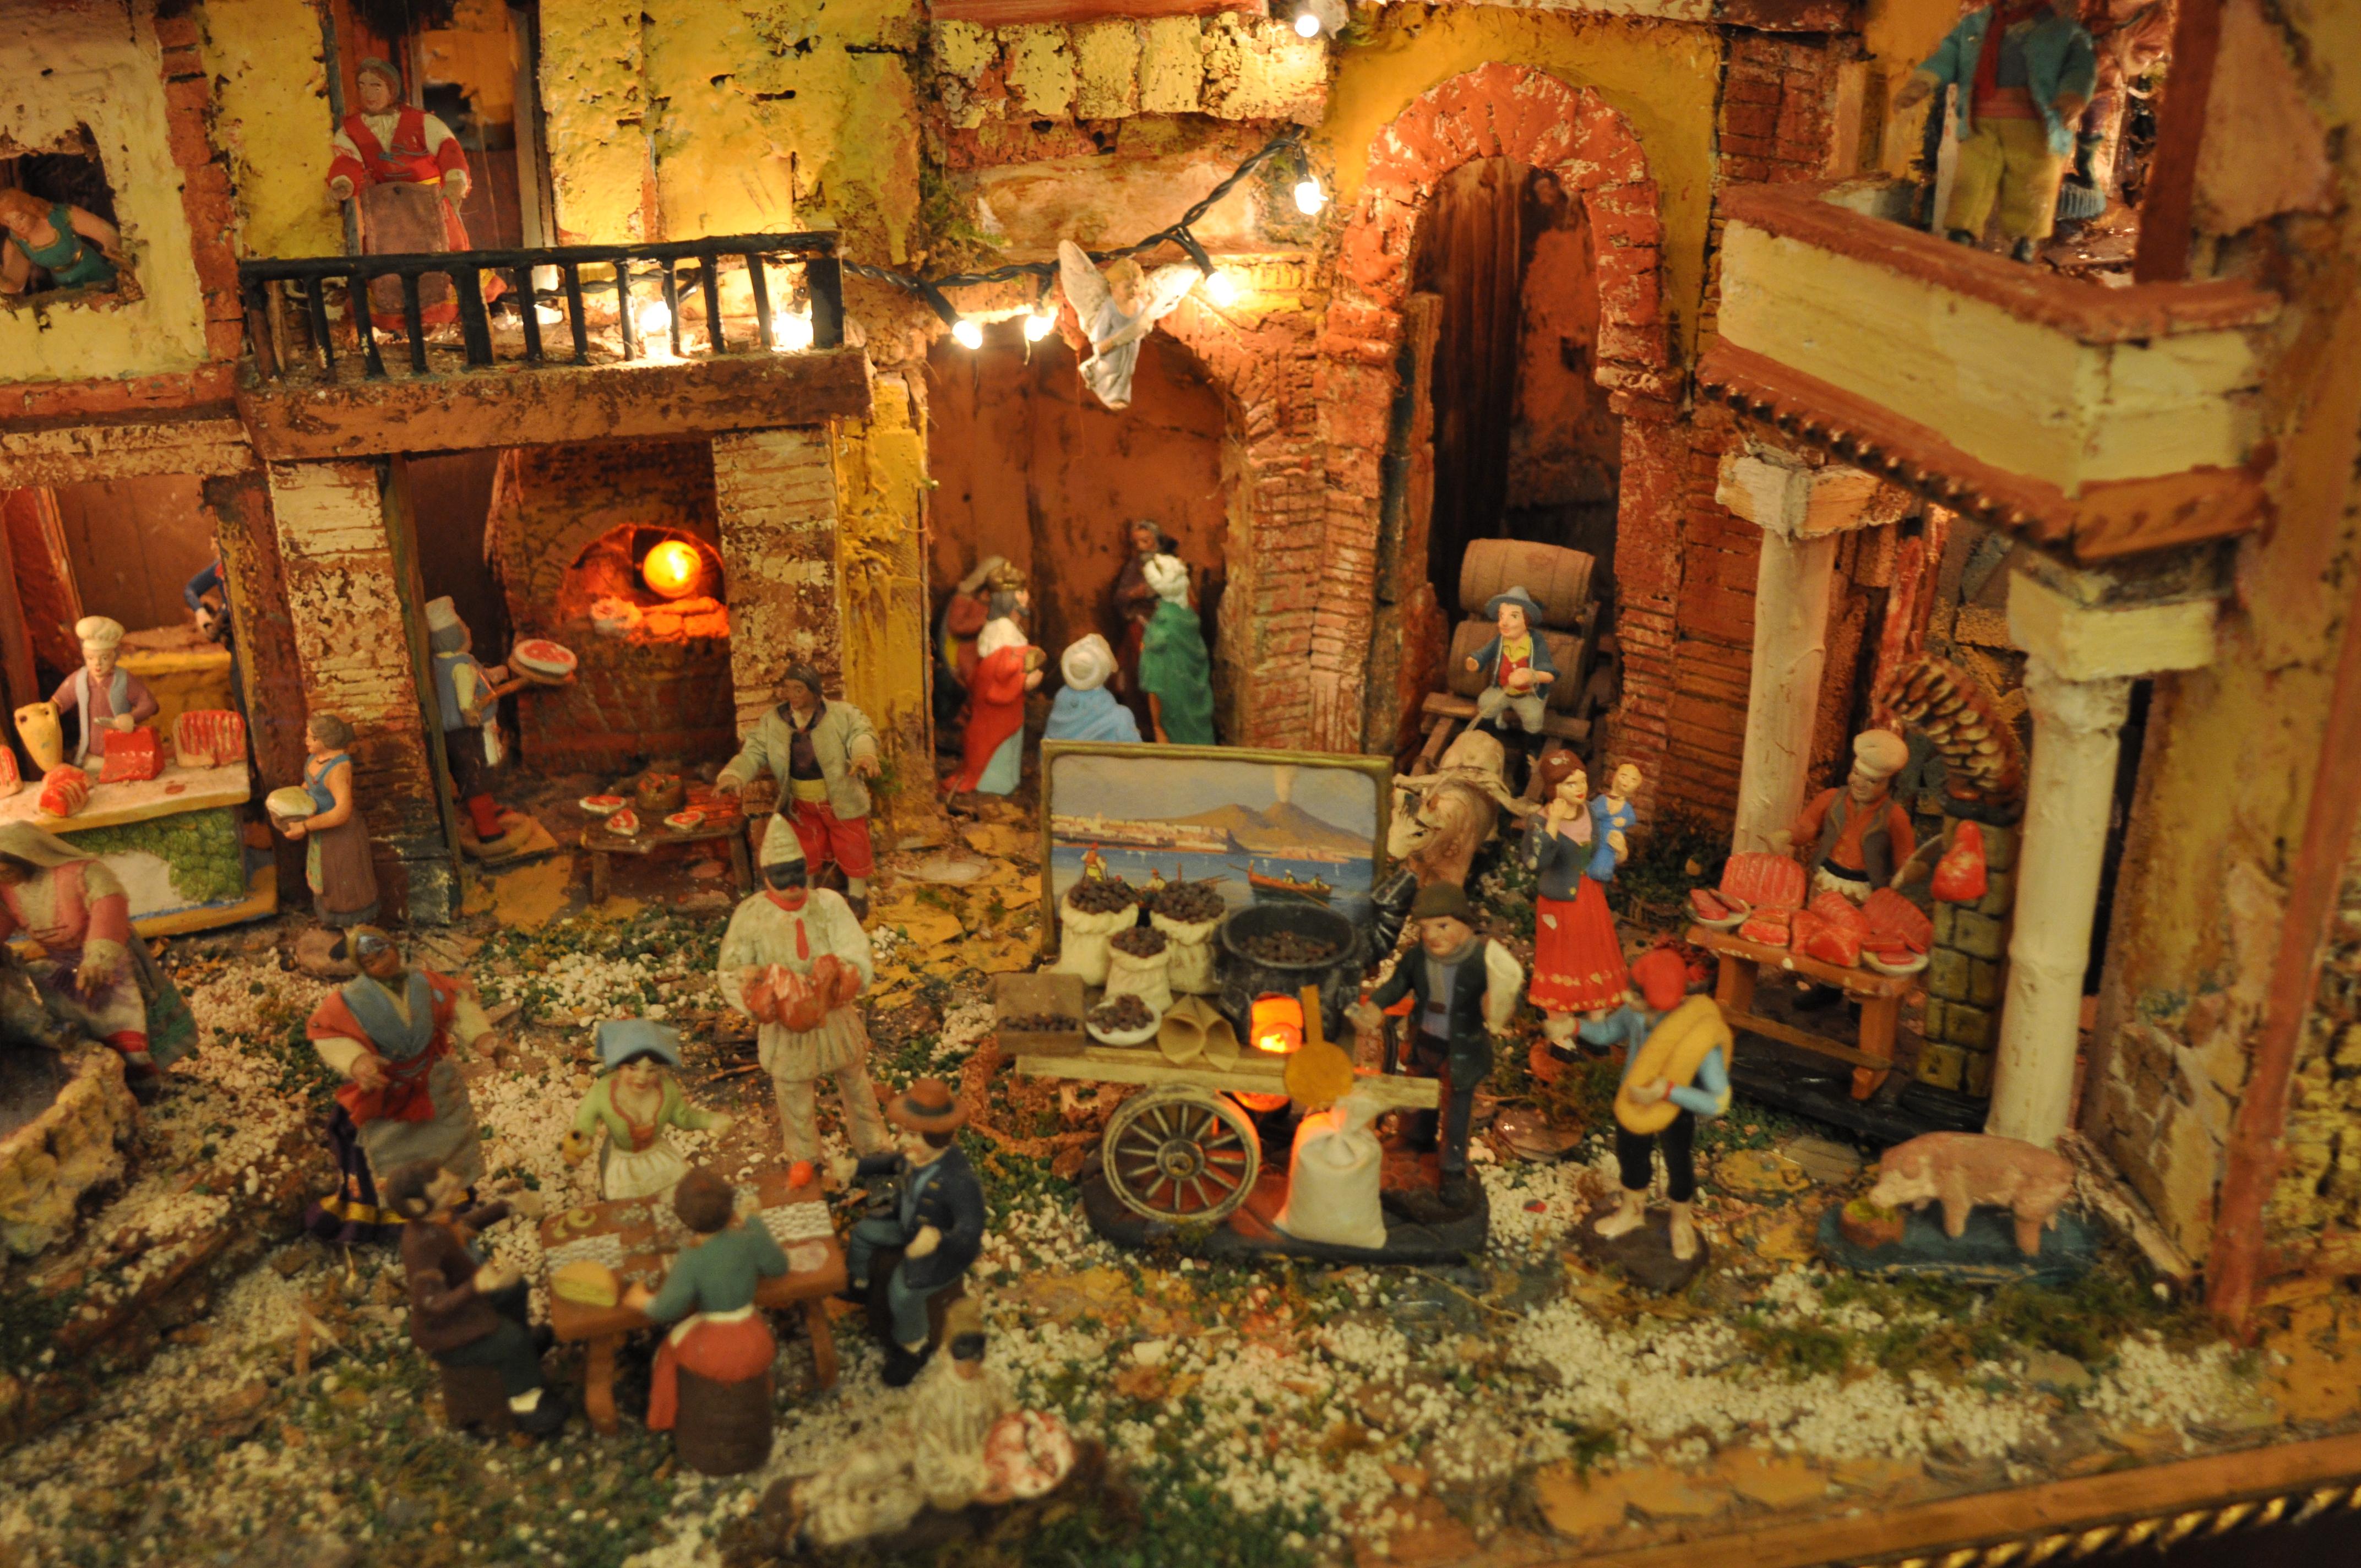 Neapolitanische Weihnachtskrippe, erbaut von Luigi Buommino